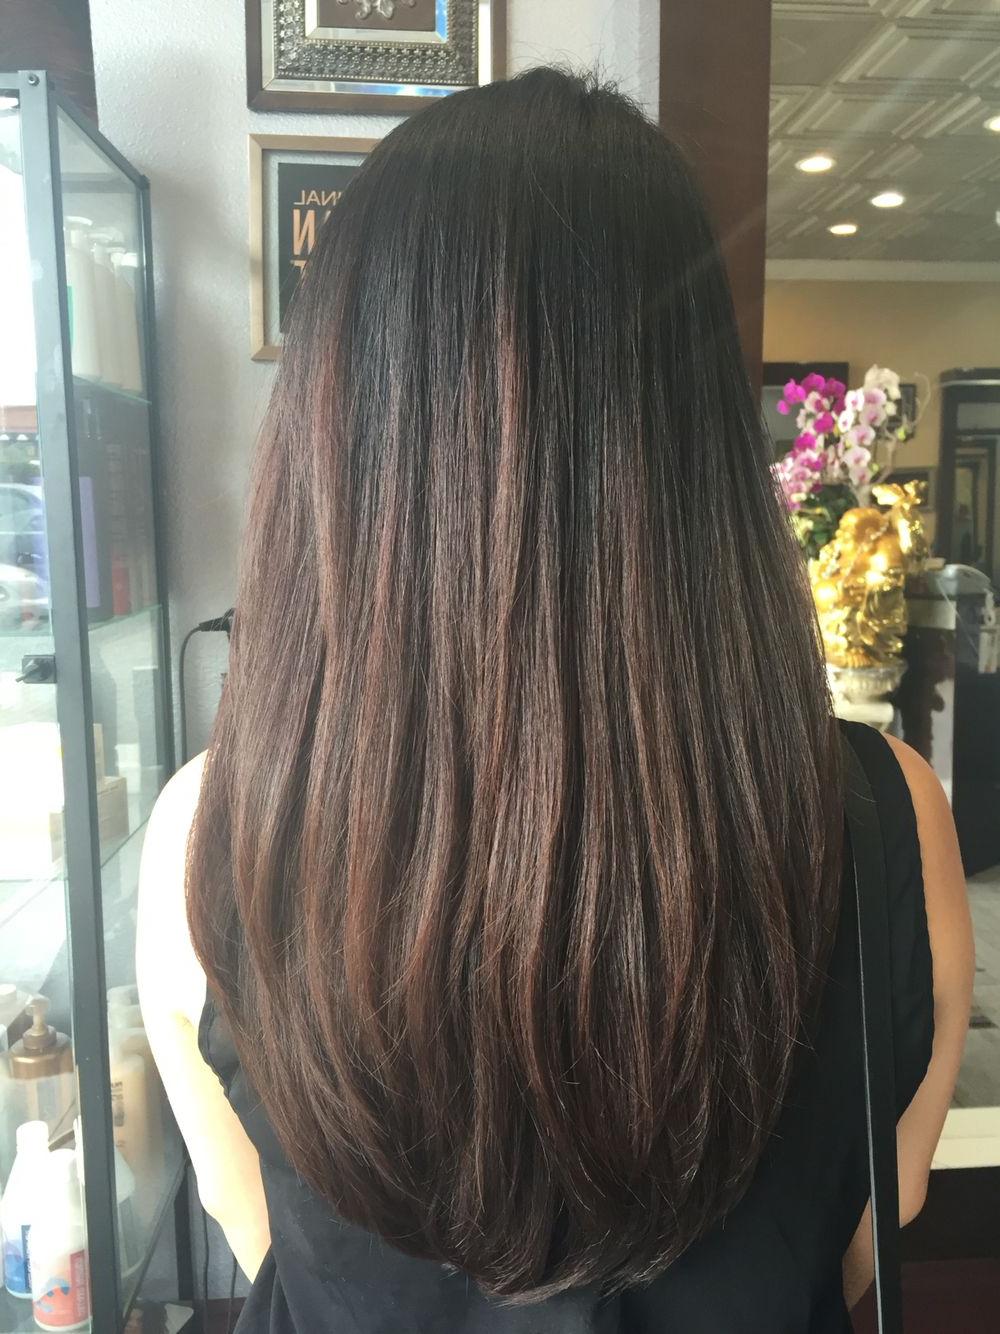 Hair Cuts, Hair Styles, Hair (View 12 of 20)